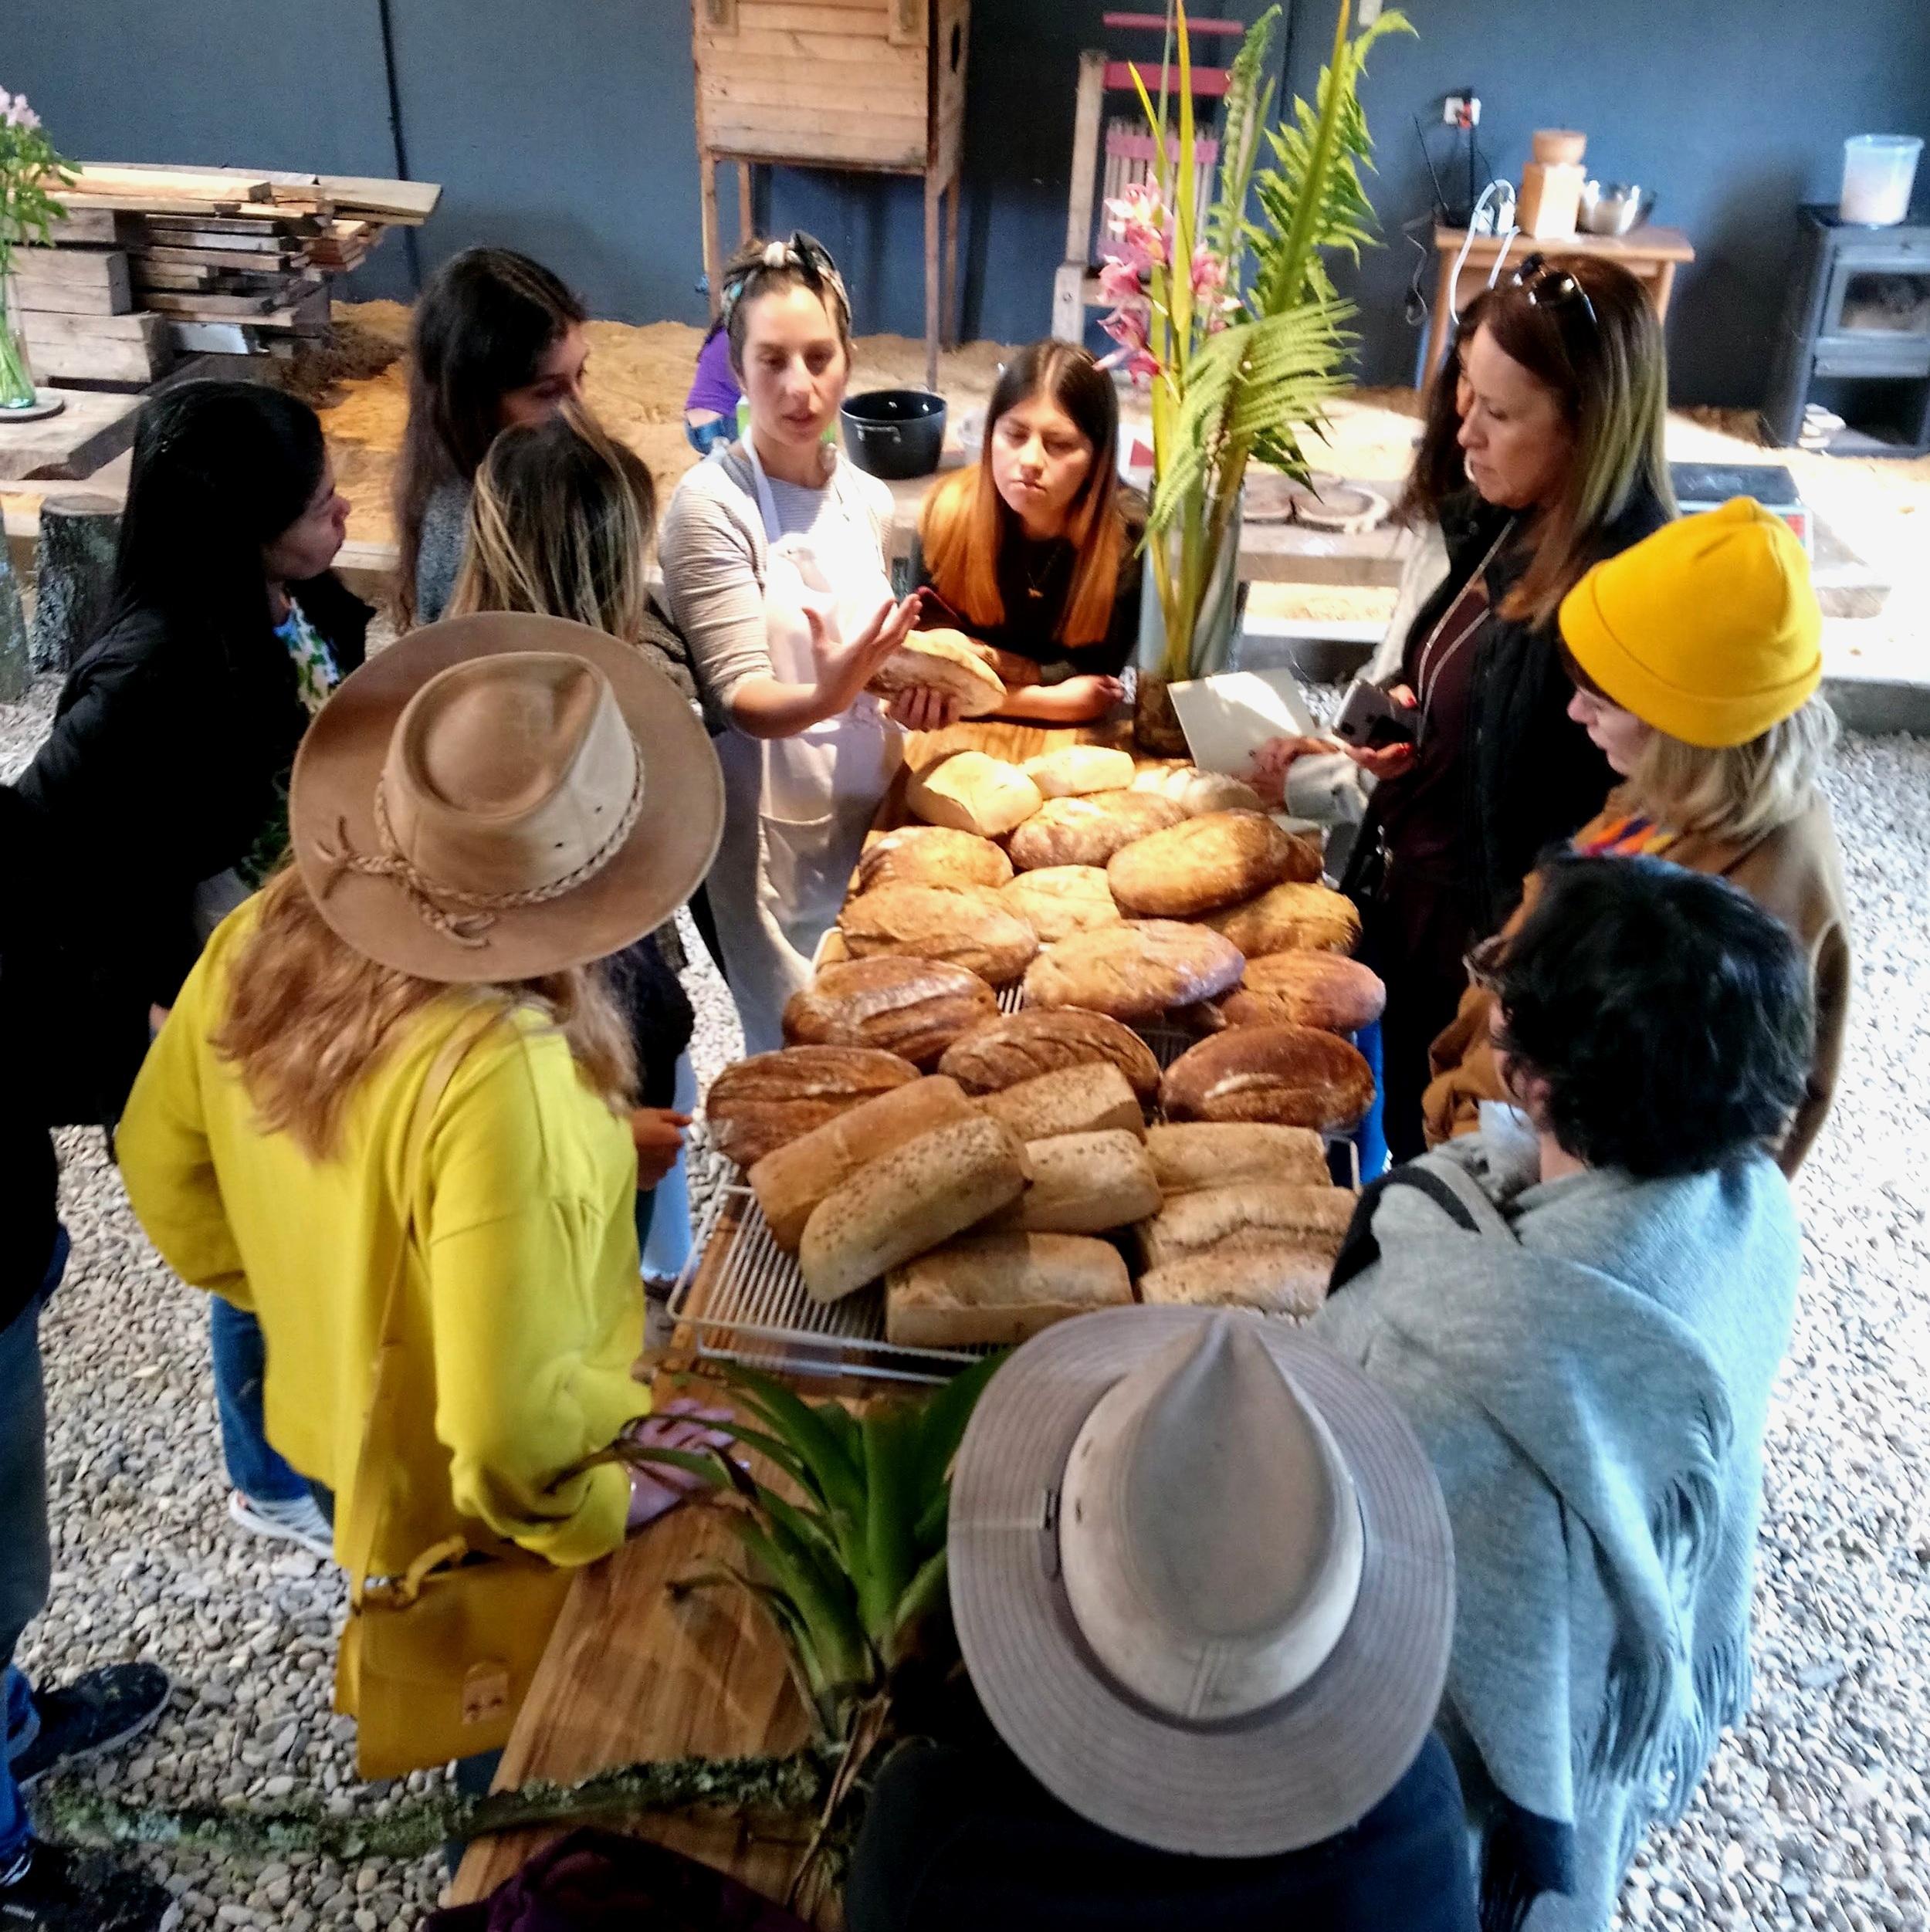 Los worshops en Deveras tienen el objetivo de conectar temas específicos alrededor de la gastronomía y la producción sustentable, con el sistema de alimentos. Panadería artesanal, carnicería, vida de finca, hierbas, se abordan con un aliado experto con el propósito final de dar herramientas para tomar mejores decisiones de consumo. Las visitas guiadas abiertas se dan una vez al mes y para grupos se programan y diseñan de acuerdo al enfoque.  CALENDARIO DE WORKSHOPS